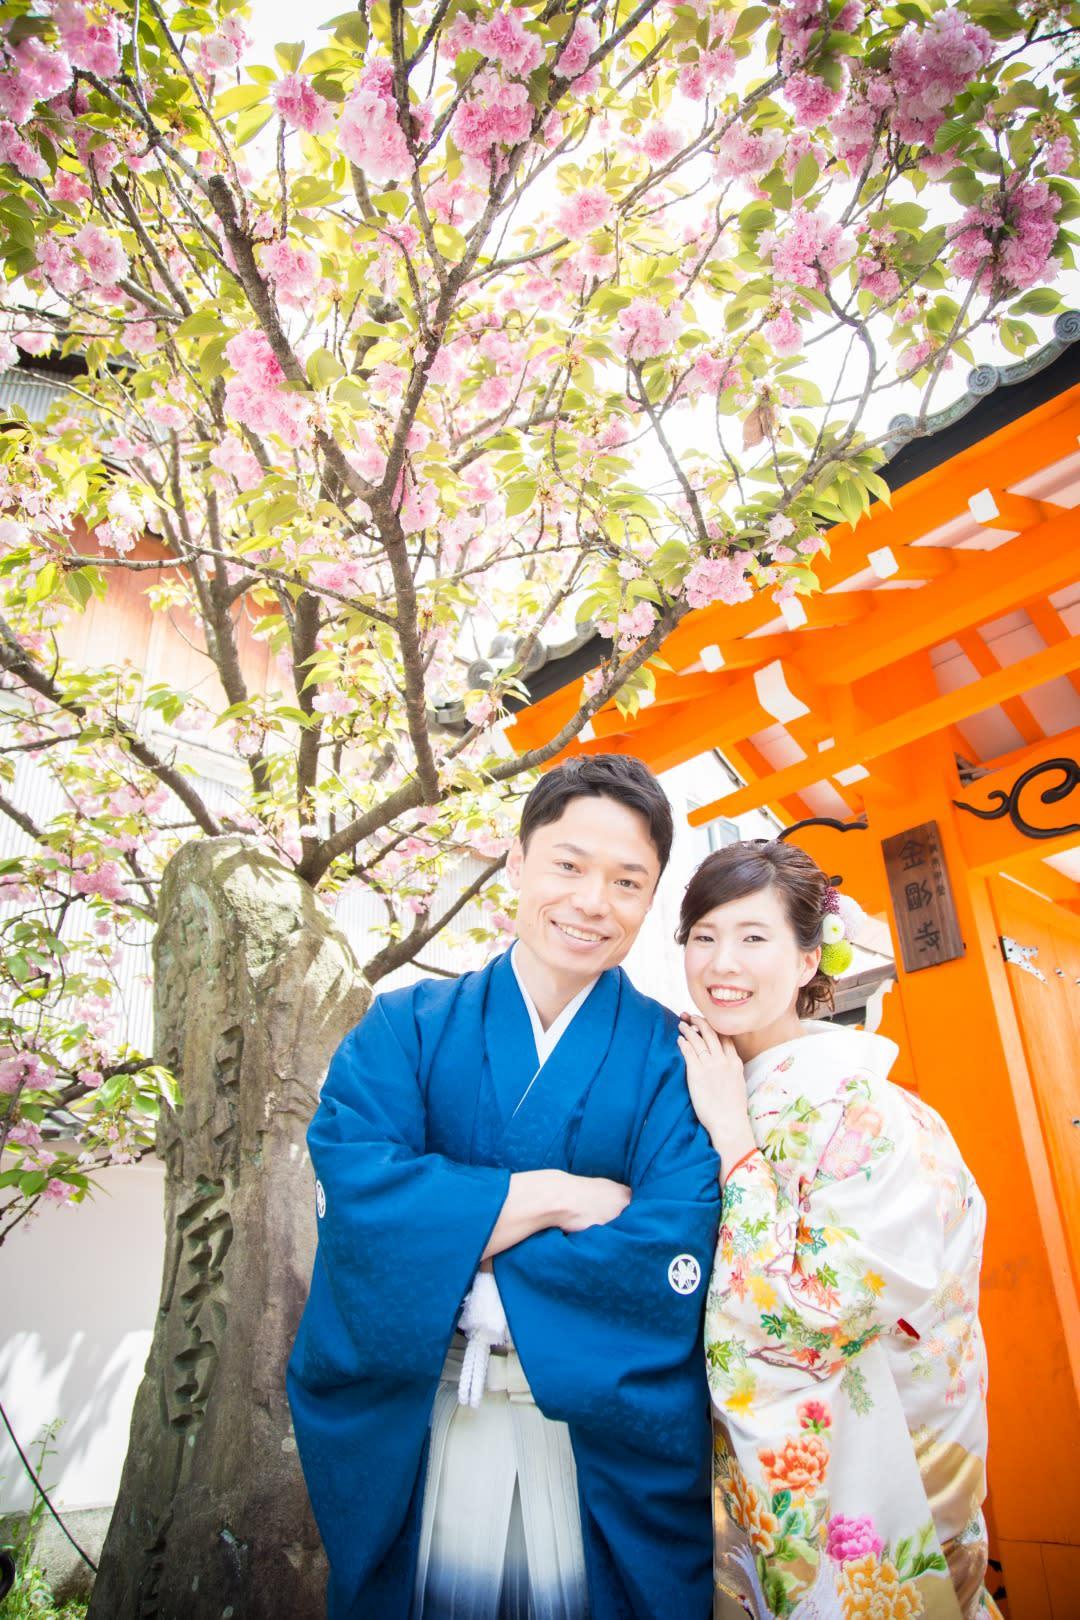 春先の京都 八坂庚申堂で